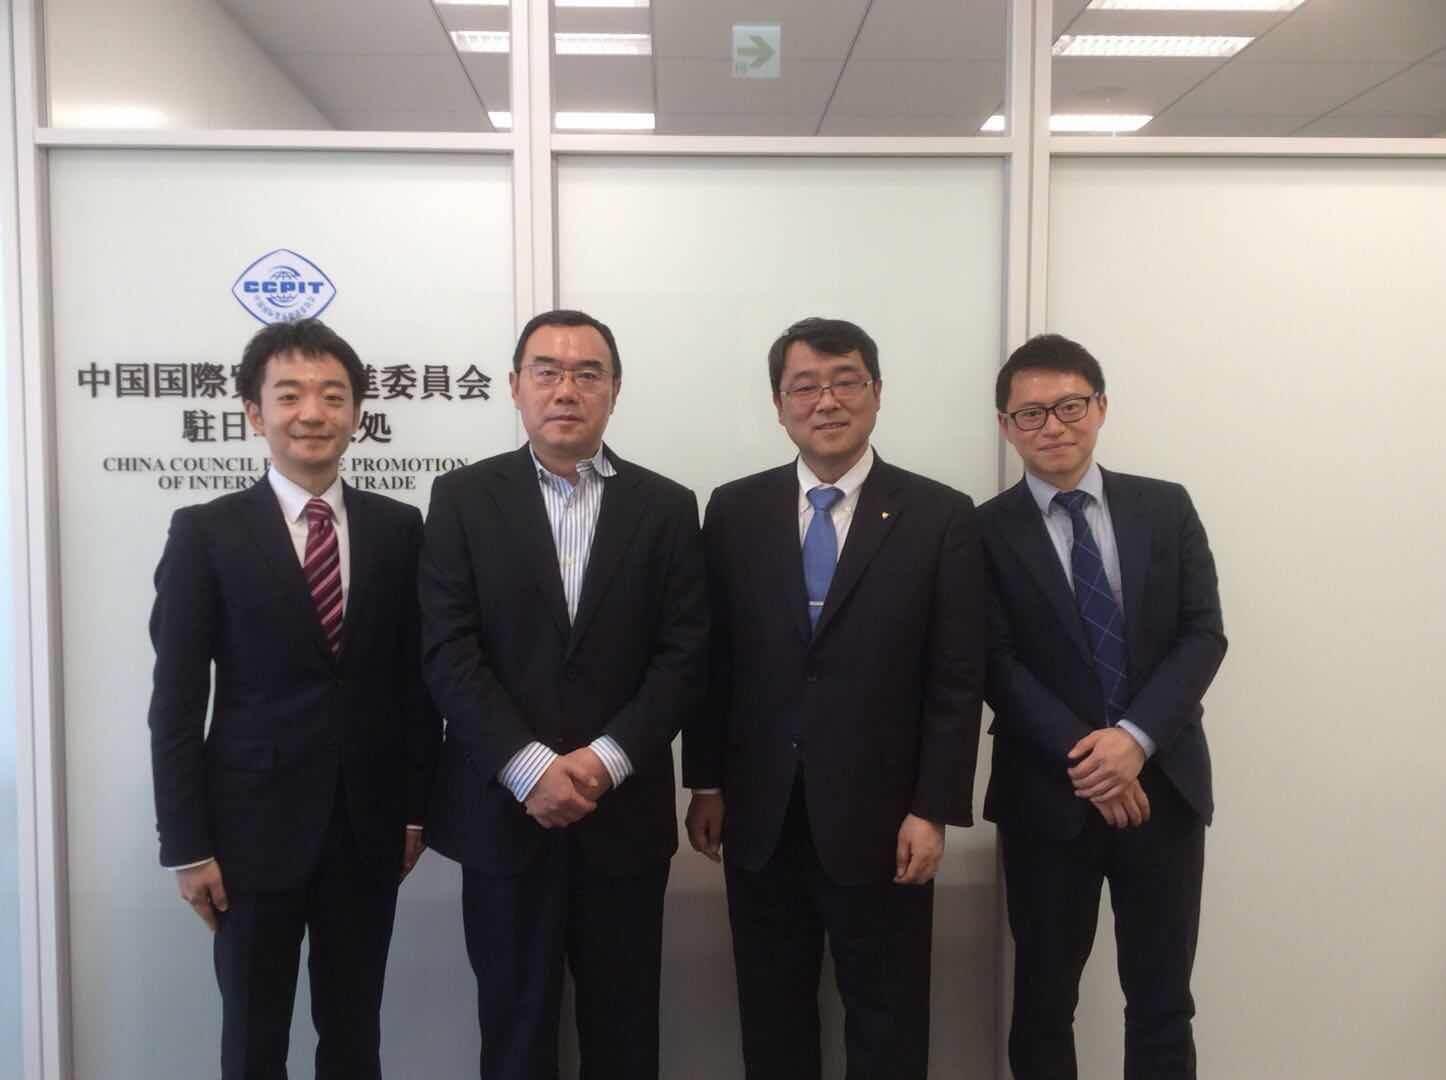 中国国際貿易促進委員会在日代表処訪問